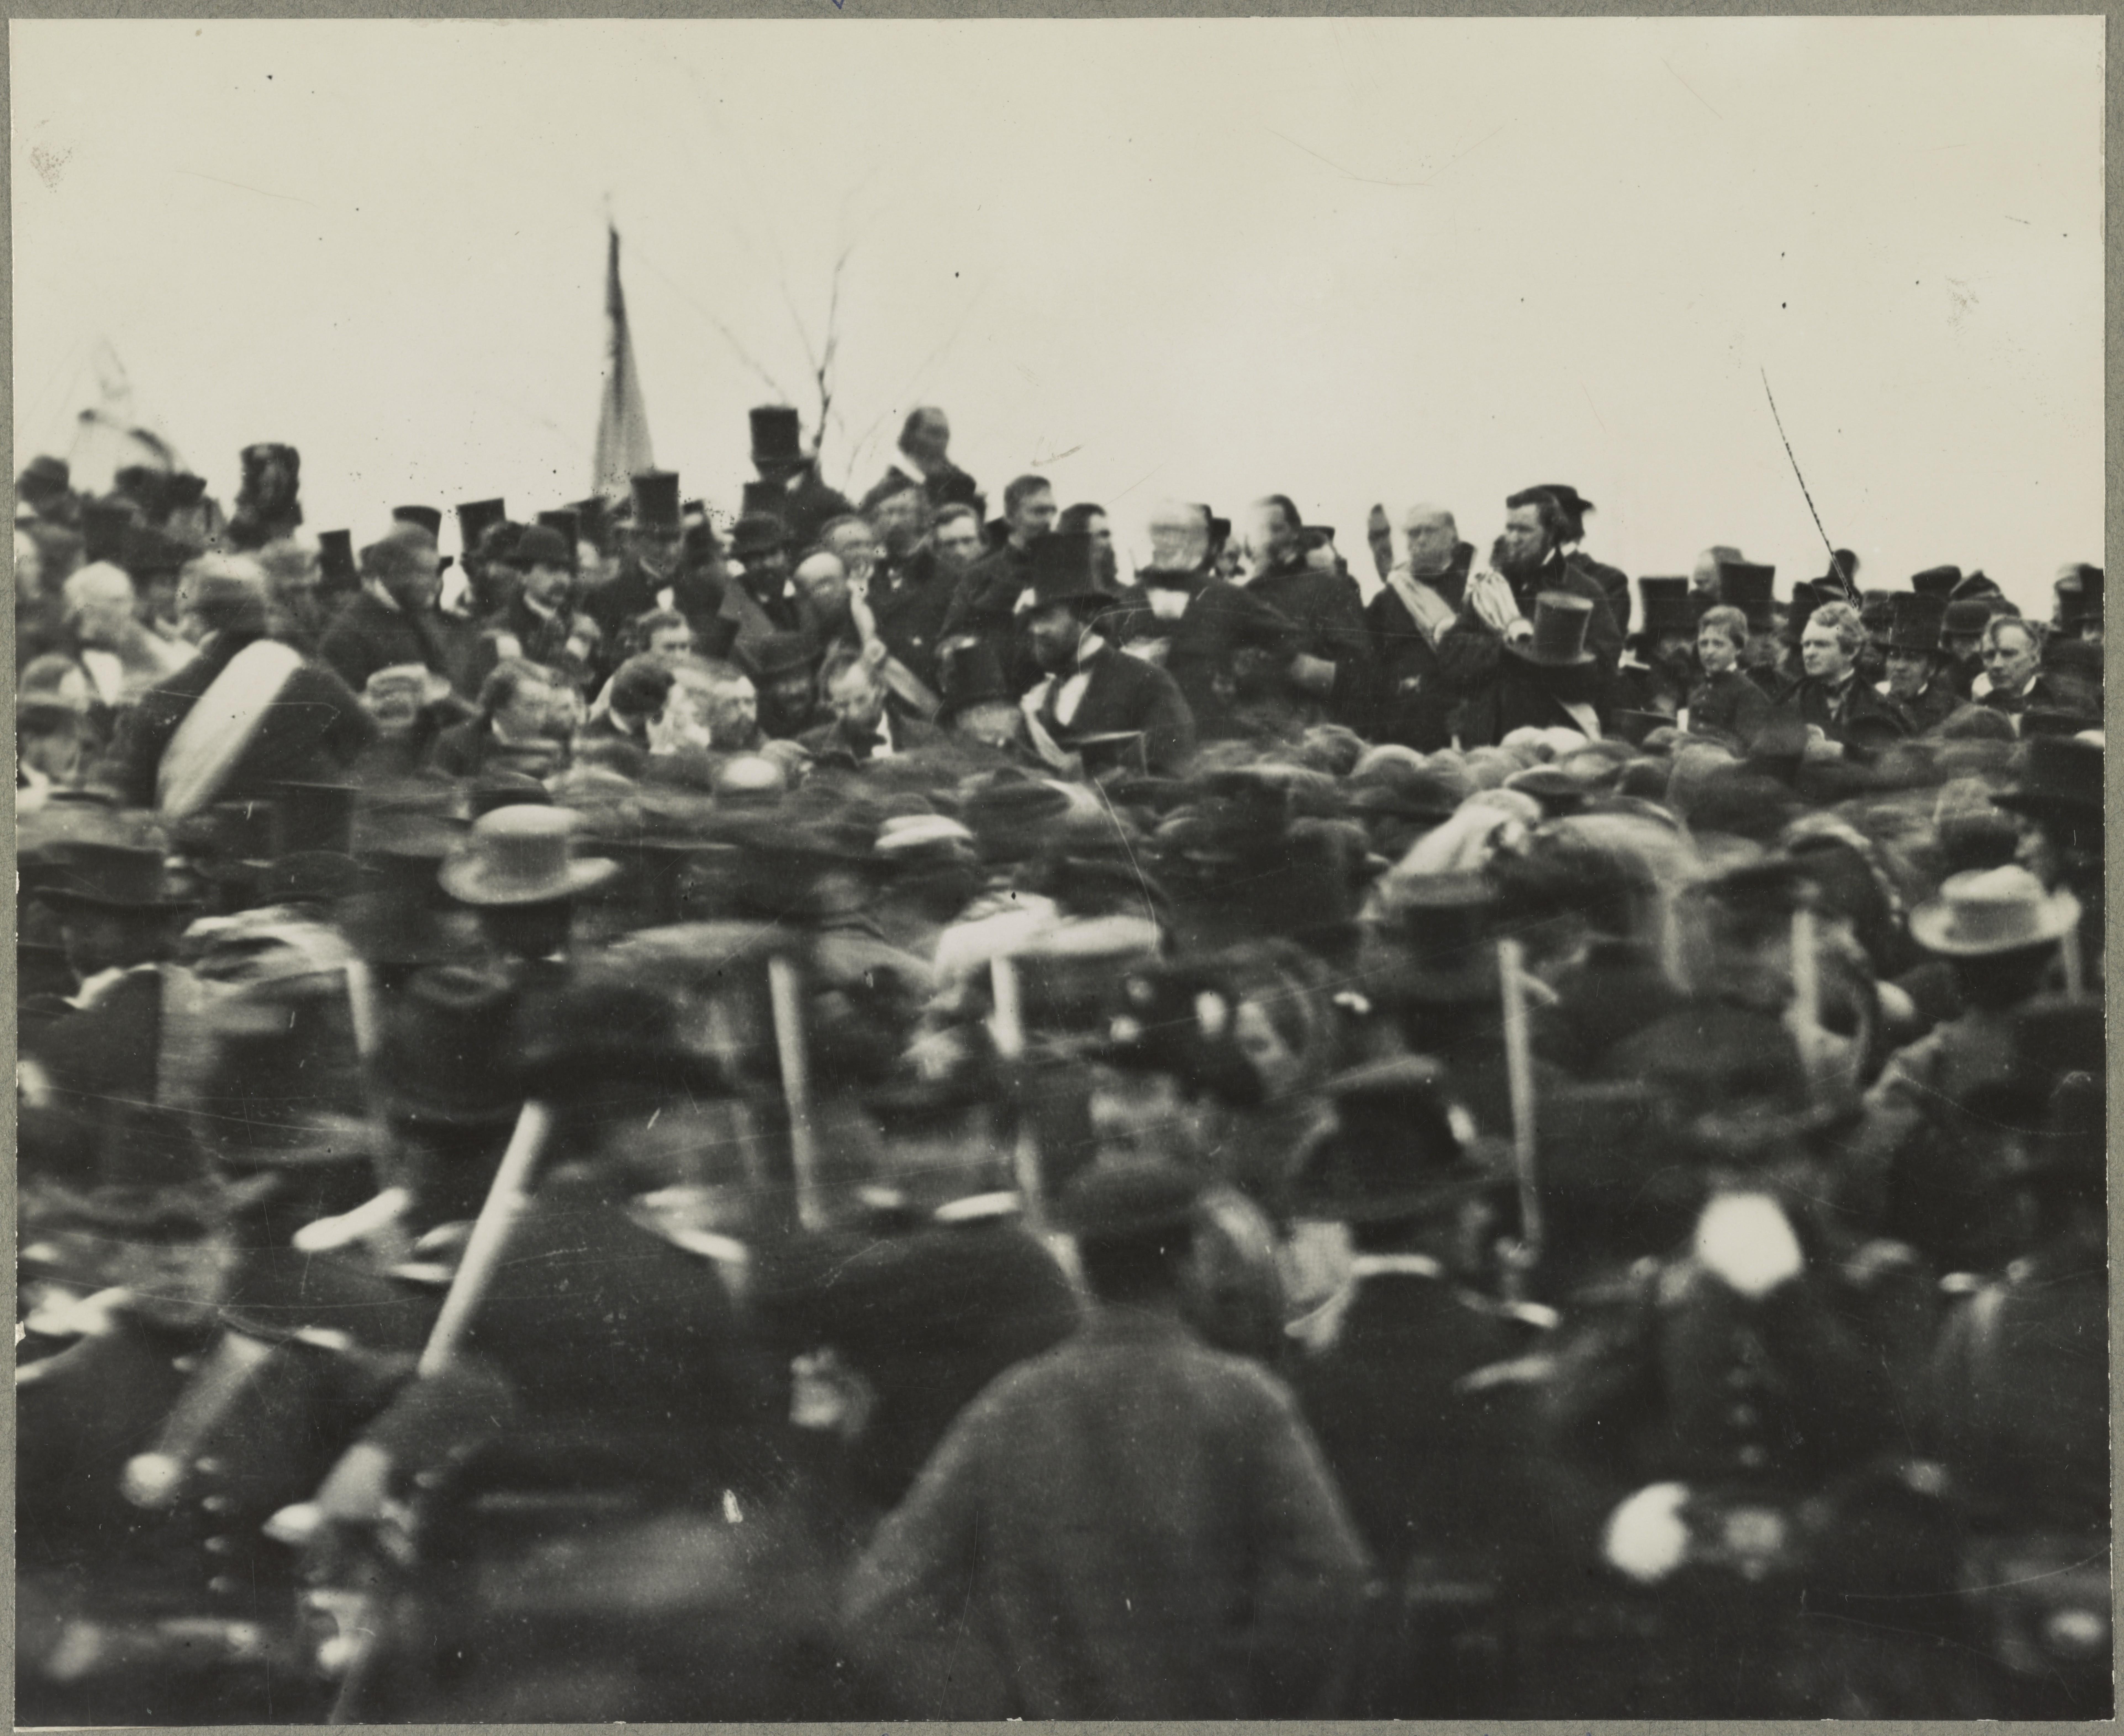 lincolns_gettysburg_address_gettysburg